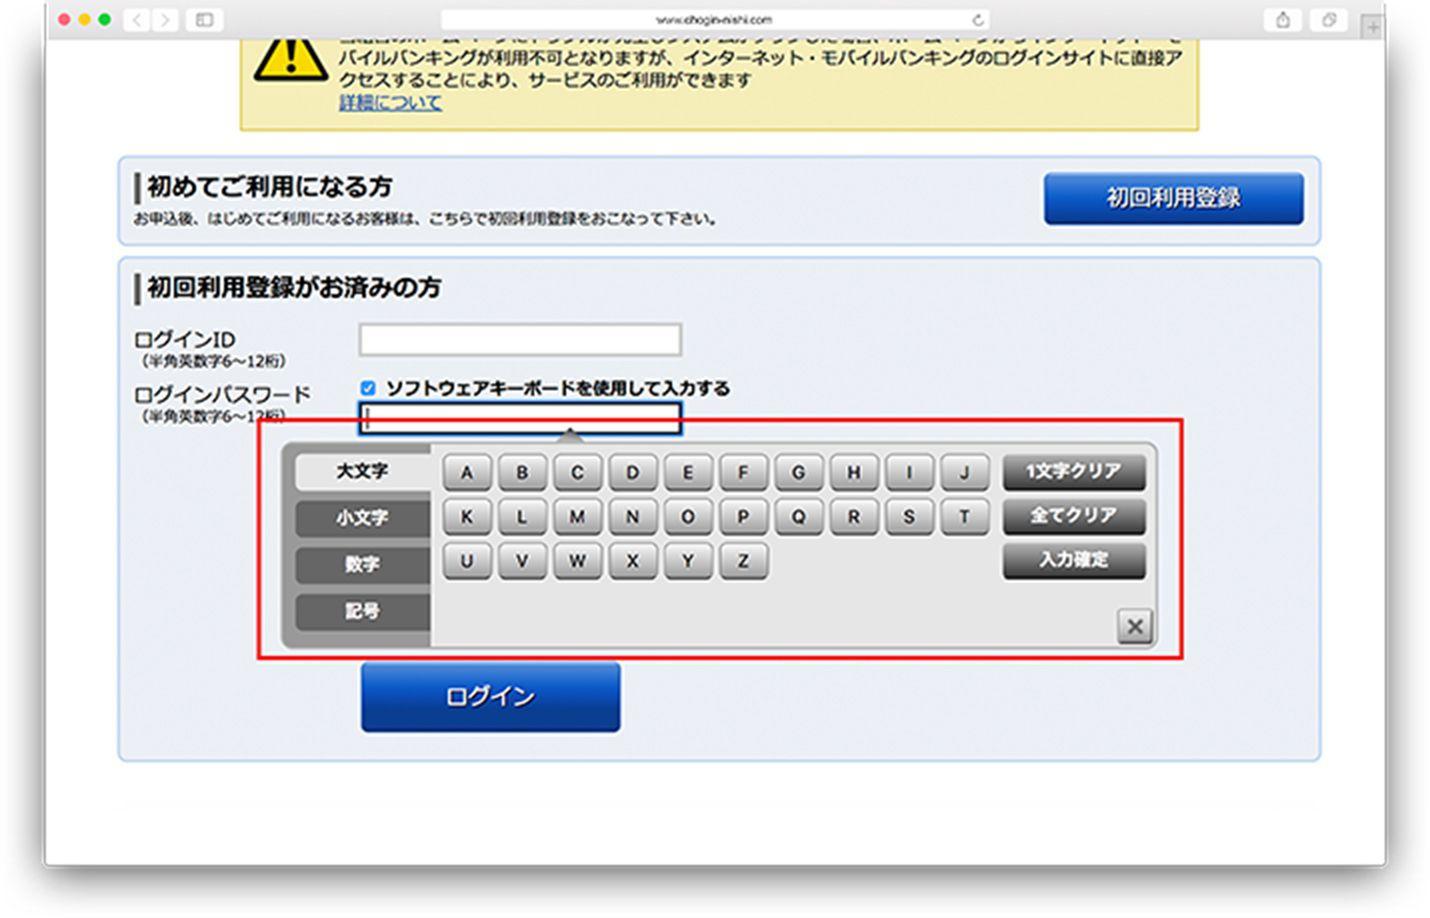 ソフトウェアキーボードのご利用方法2